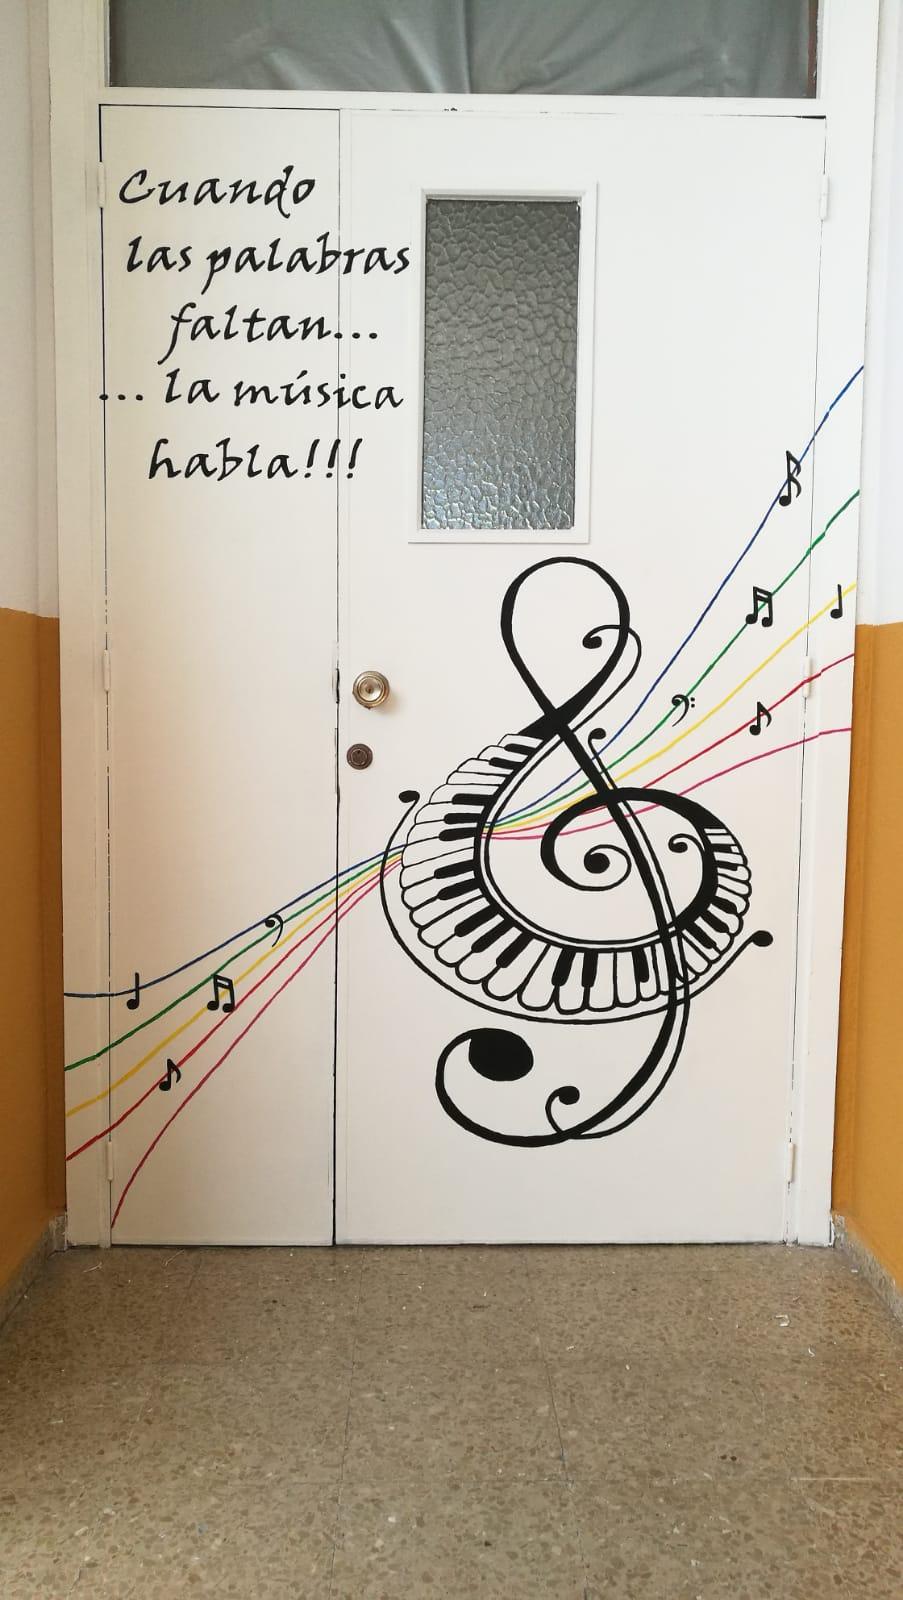 puertamusica_19 (4)